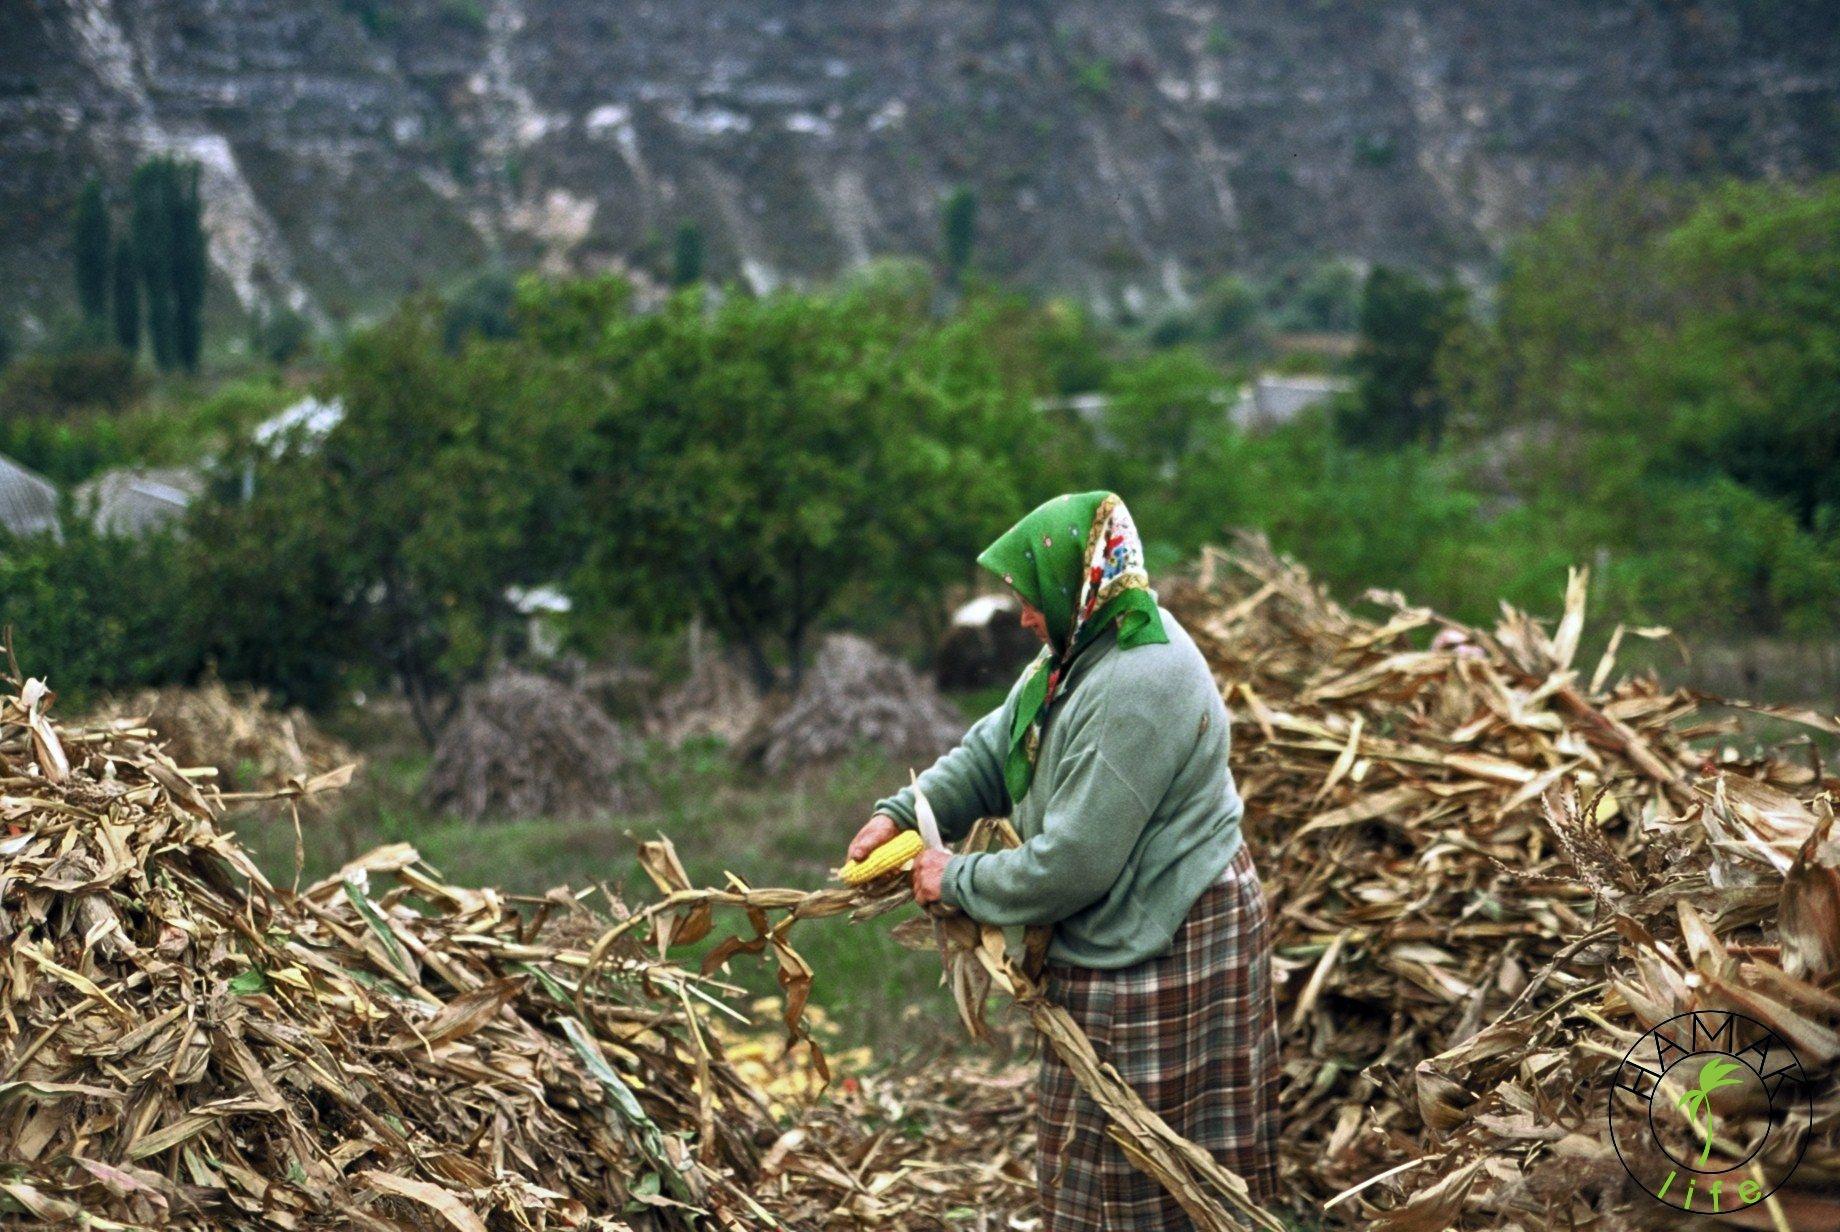 Reportaż z wioski w Mołdawii. Zbiory kukurydzy.